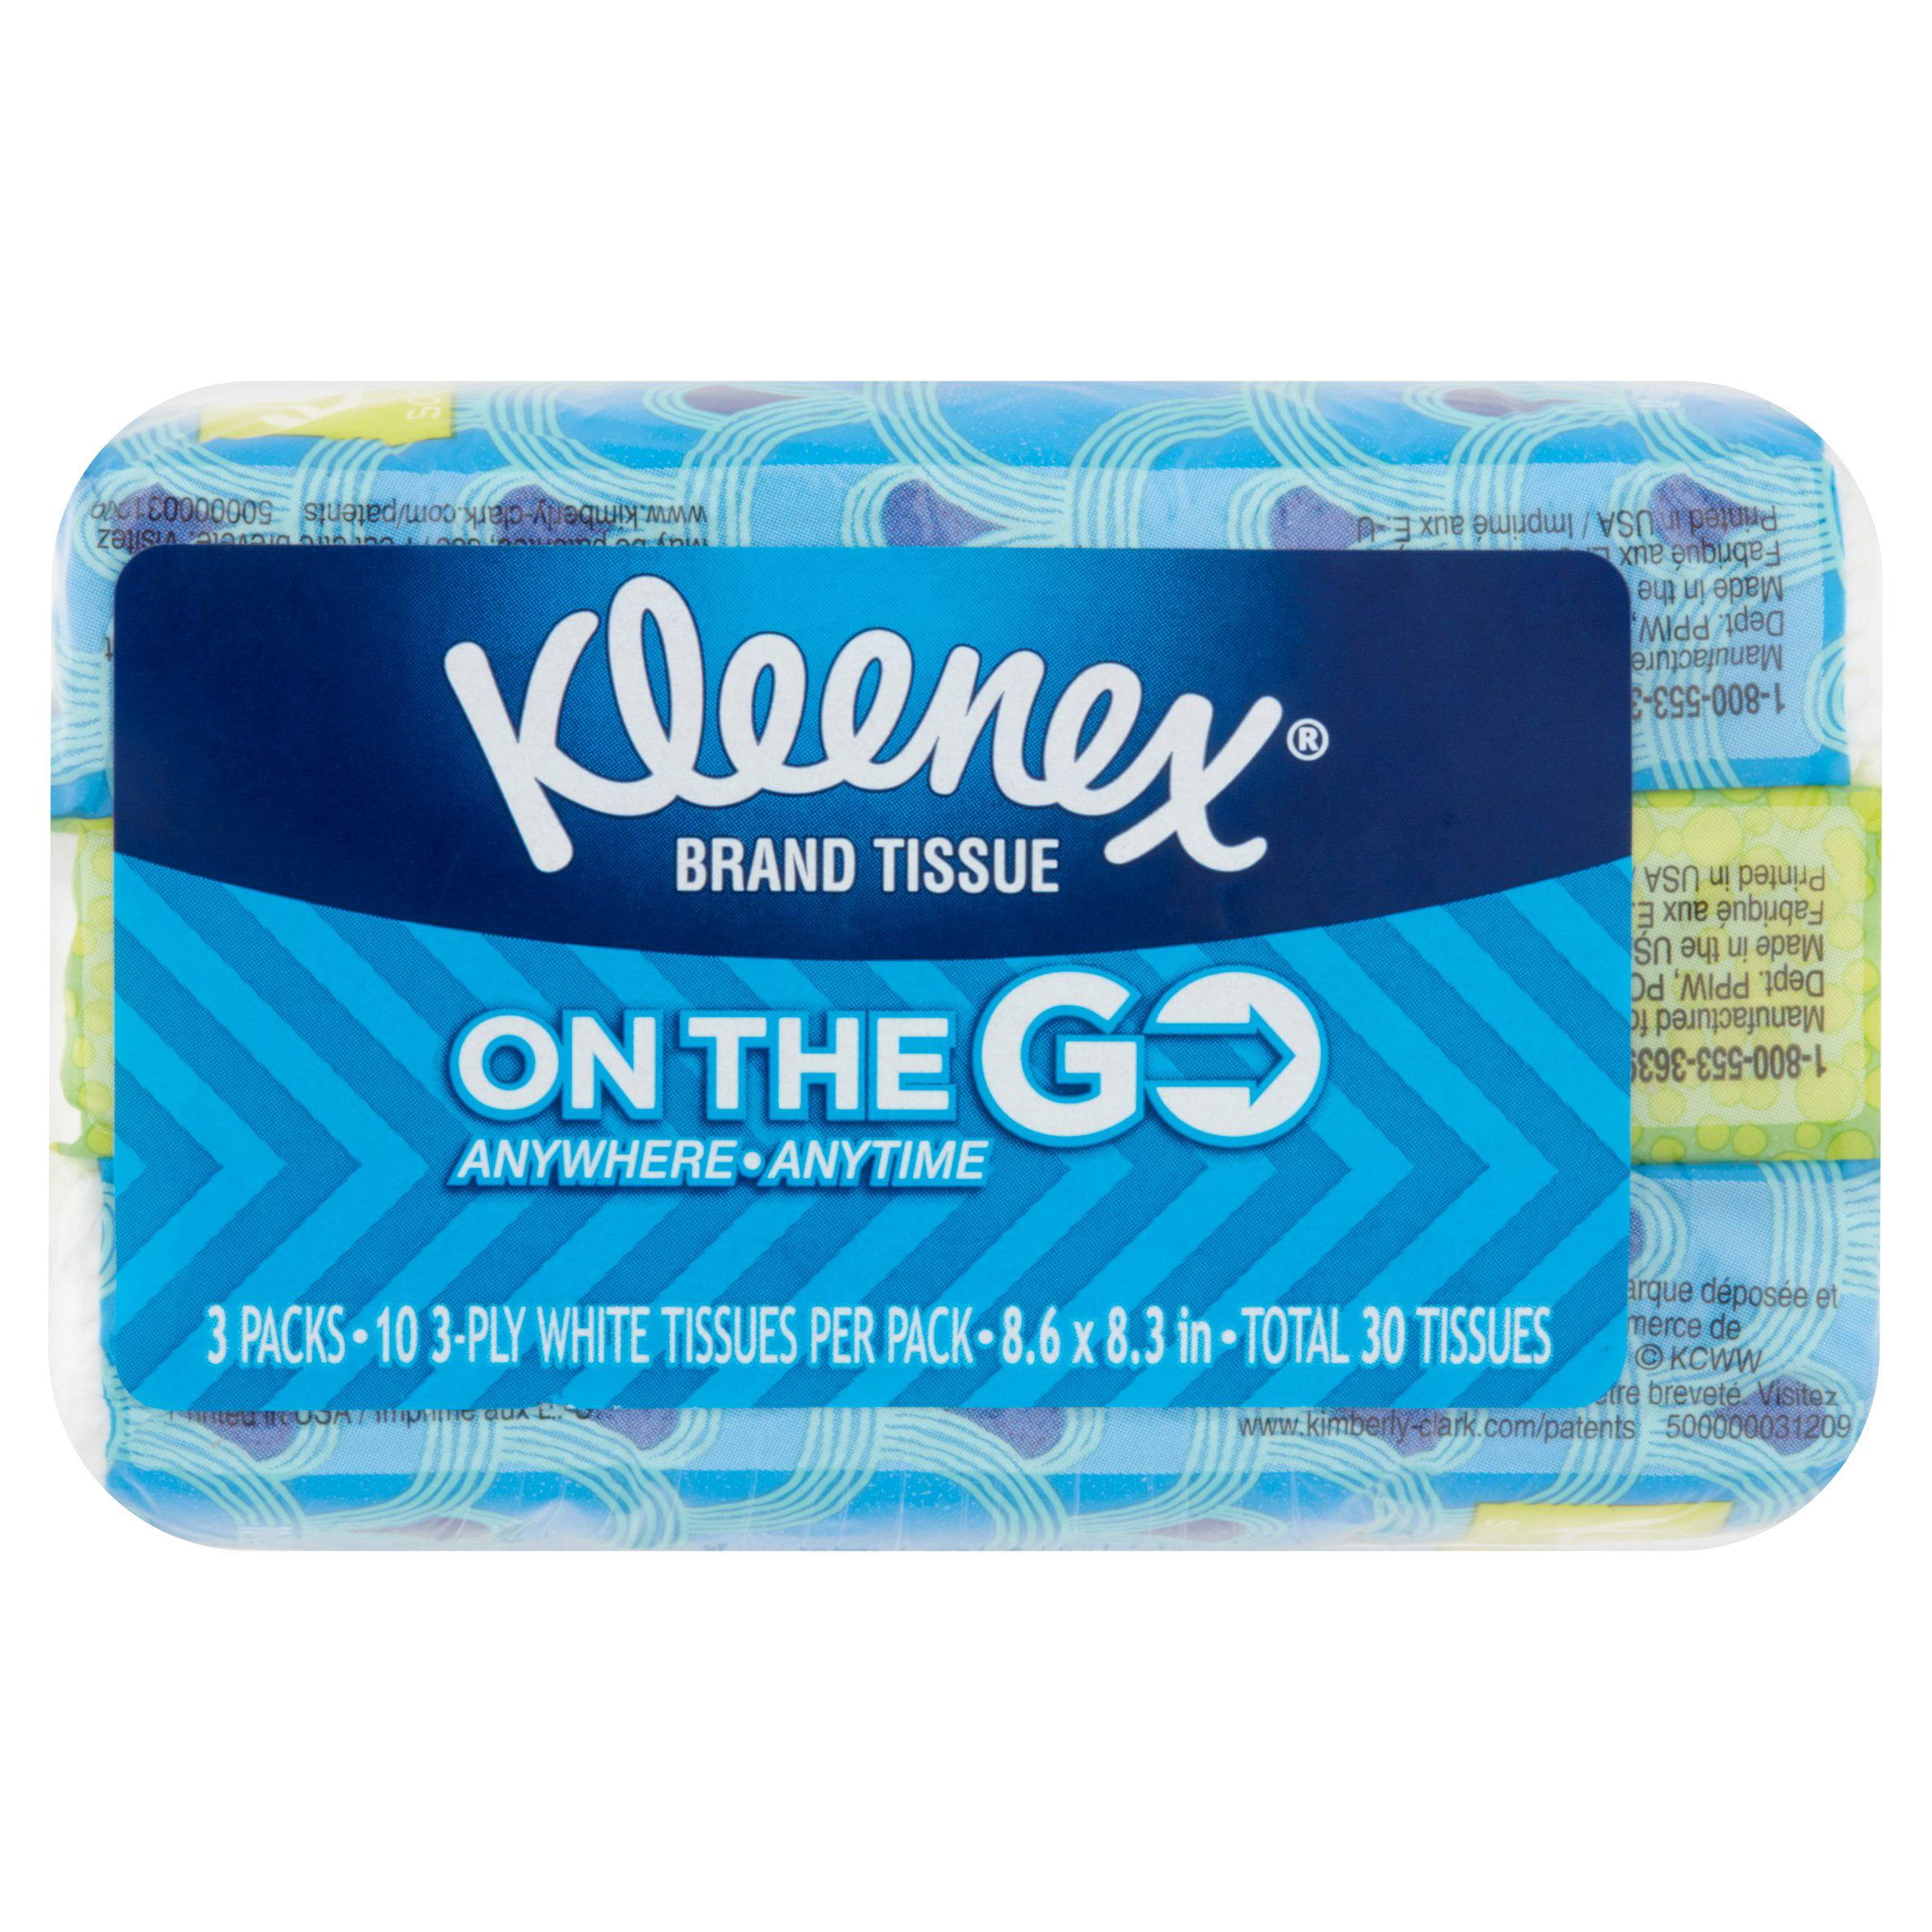 Kleenex On the Go Tissues, 10 Tissues, 3 Pack